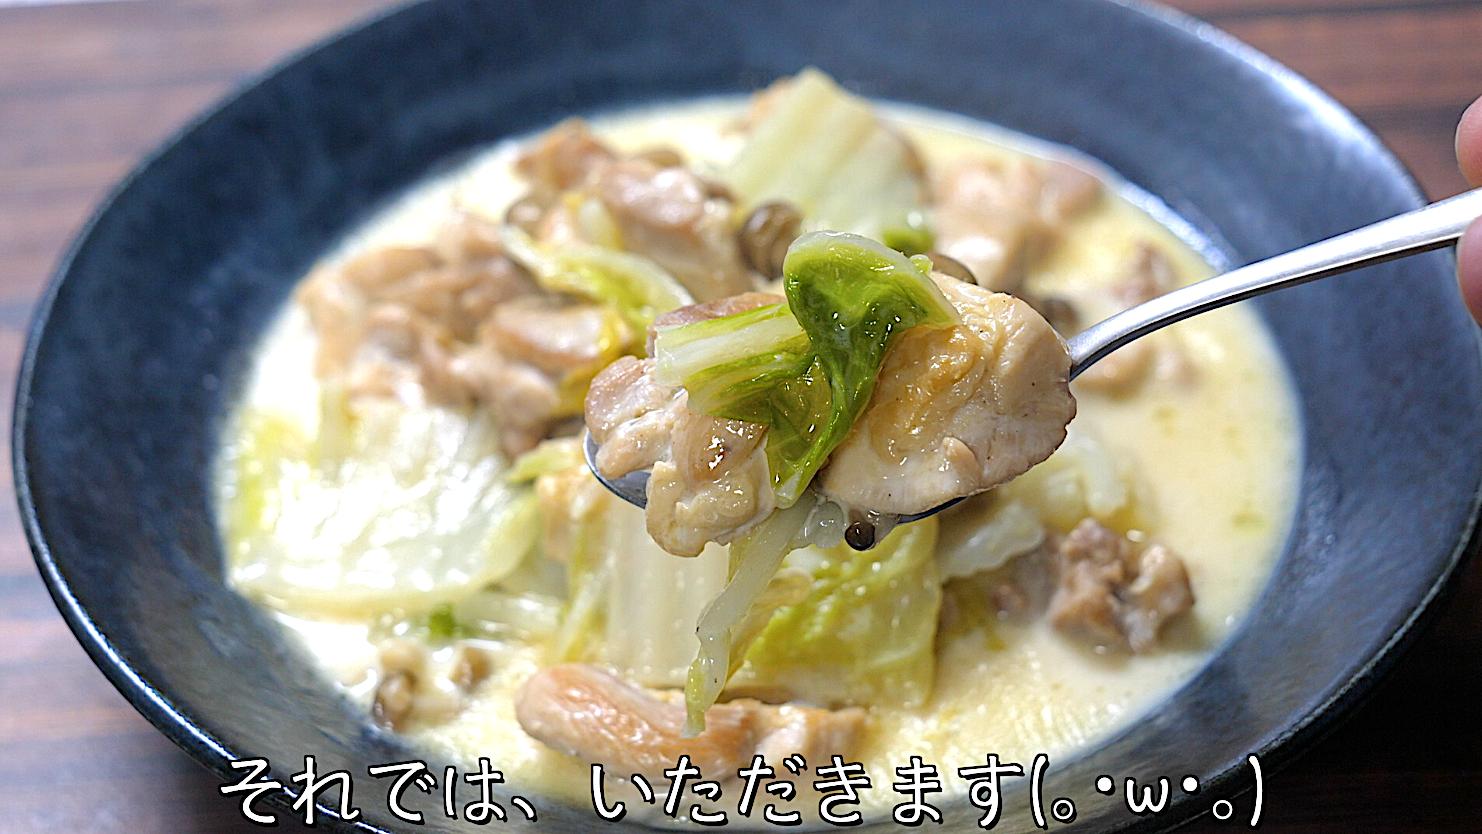 鶏肉 クリーム煮 レシピ 低糖質